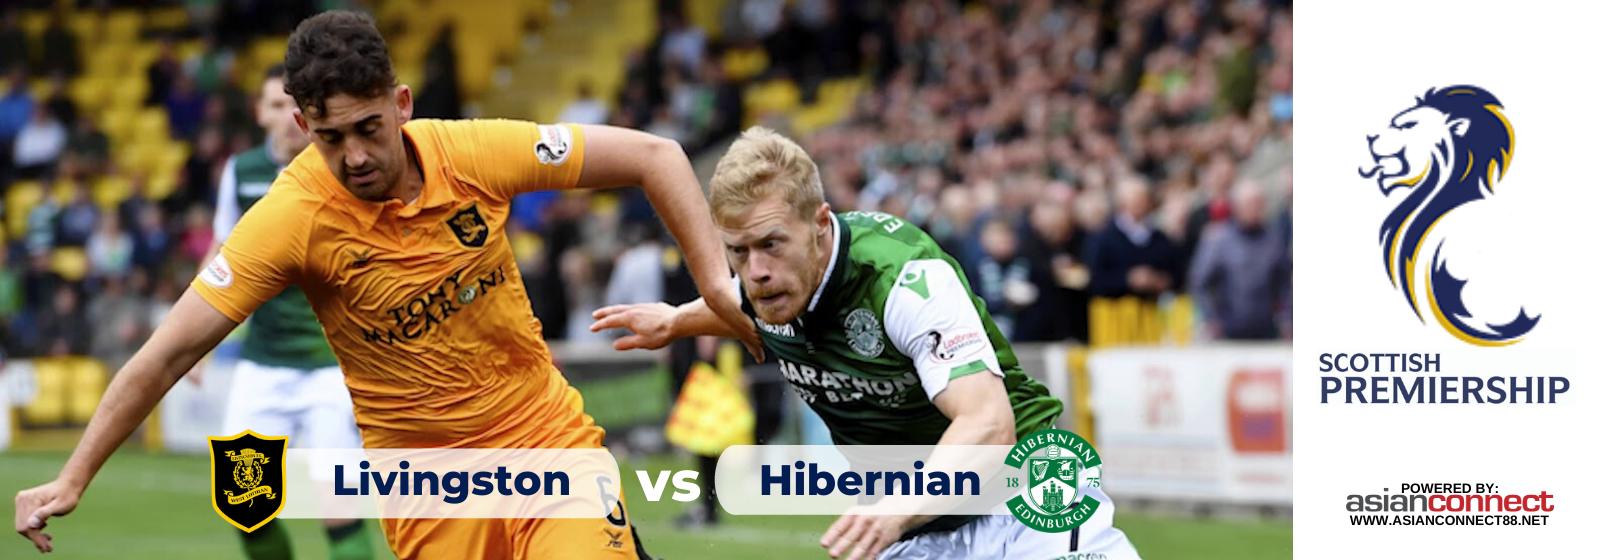 Asianconnect: Livingston vs Hibernian